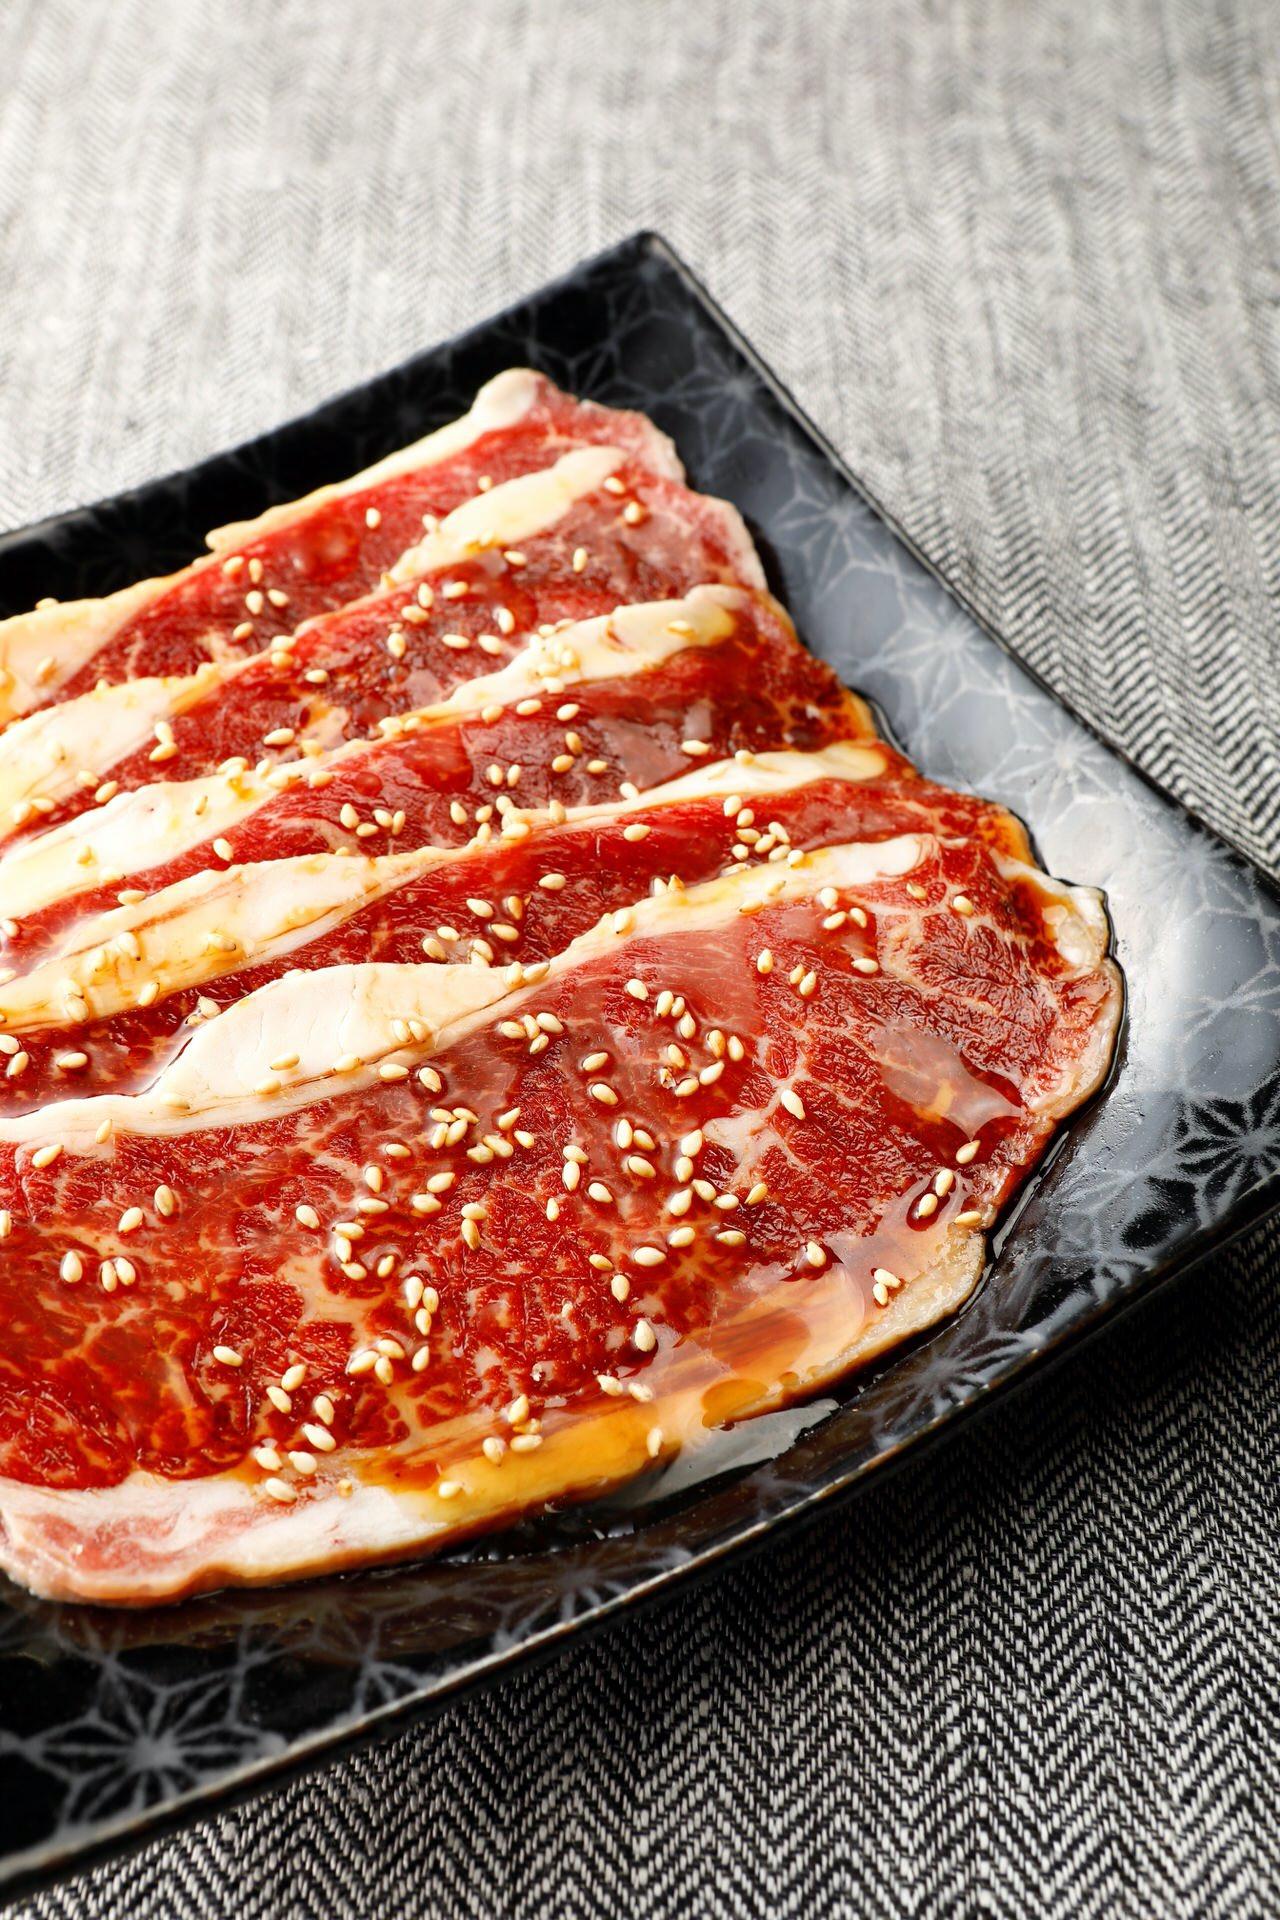 【和民】居酒屋業態から焼肉業態「焼肉の和民」への転換を発表 〜2022年3月期末までに120店舗